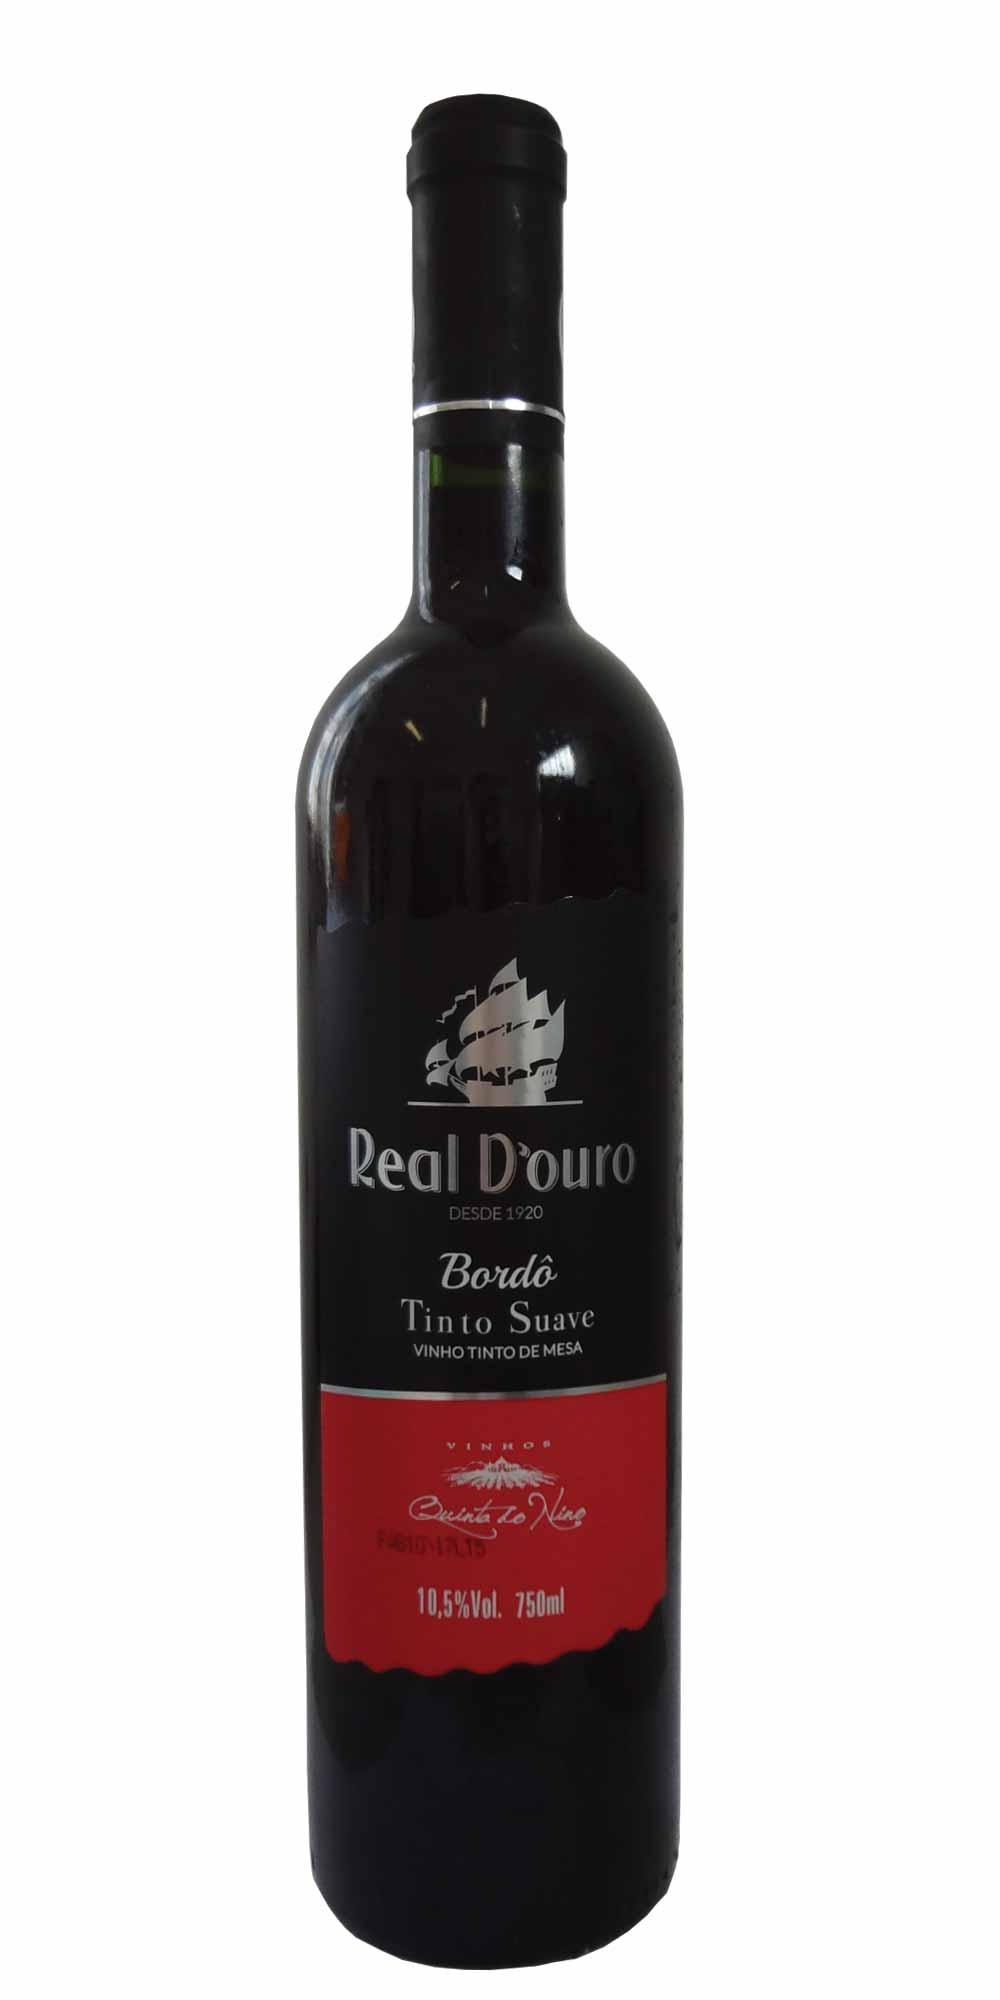 0627471fb Vinho Real D Ouro Tinto Suave 750ml - Loja Adegadovinho.com.br